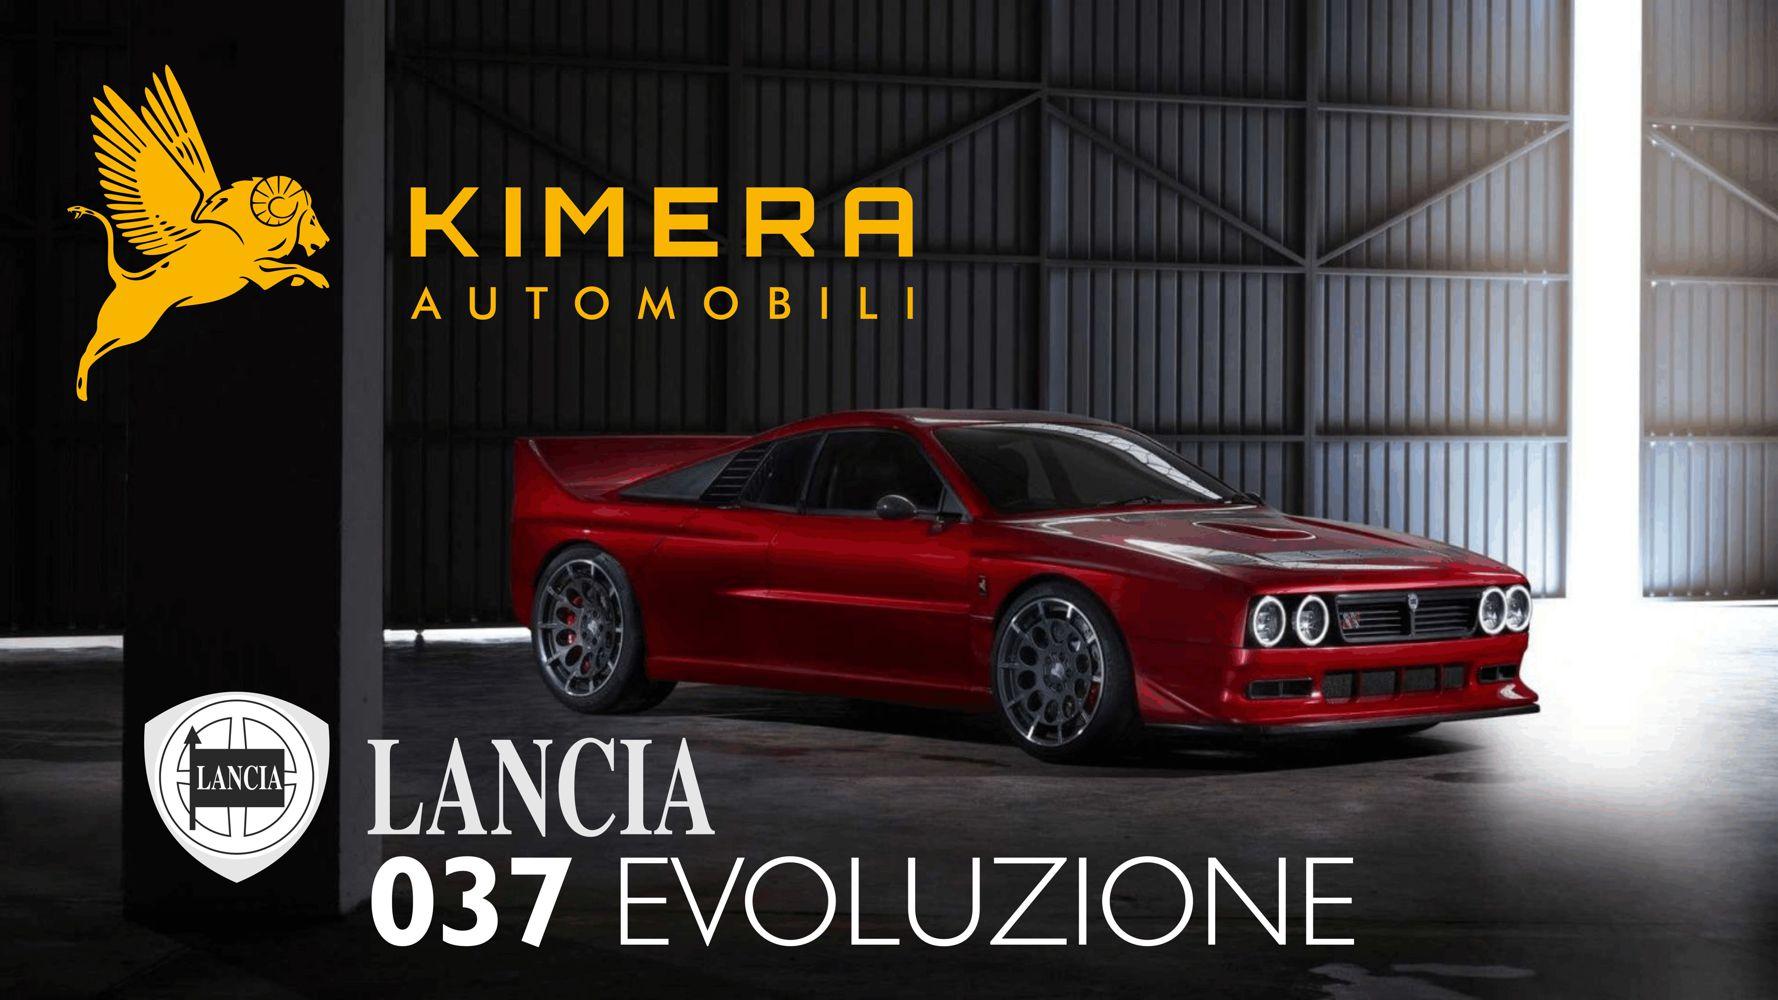 Kimera Automobili Lancia 037 Evoluzione